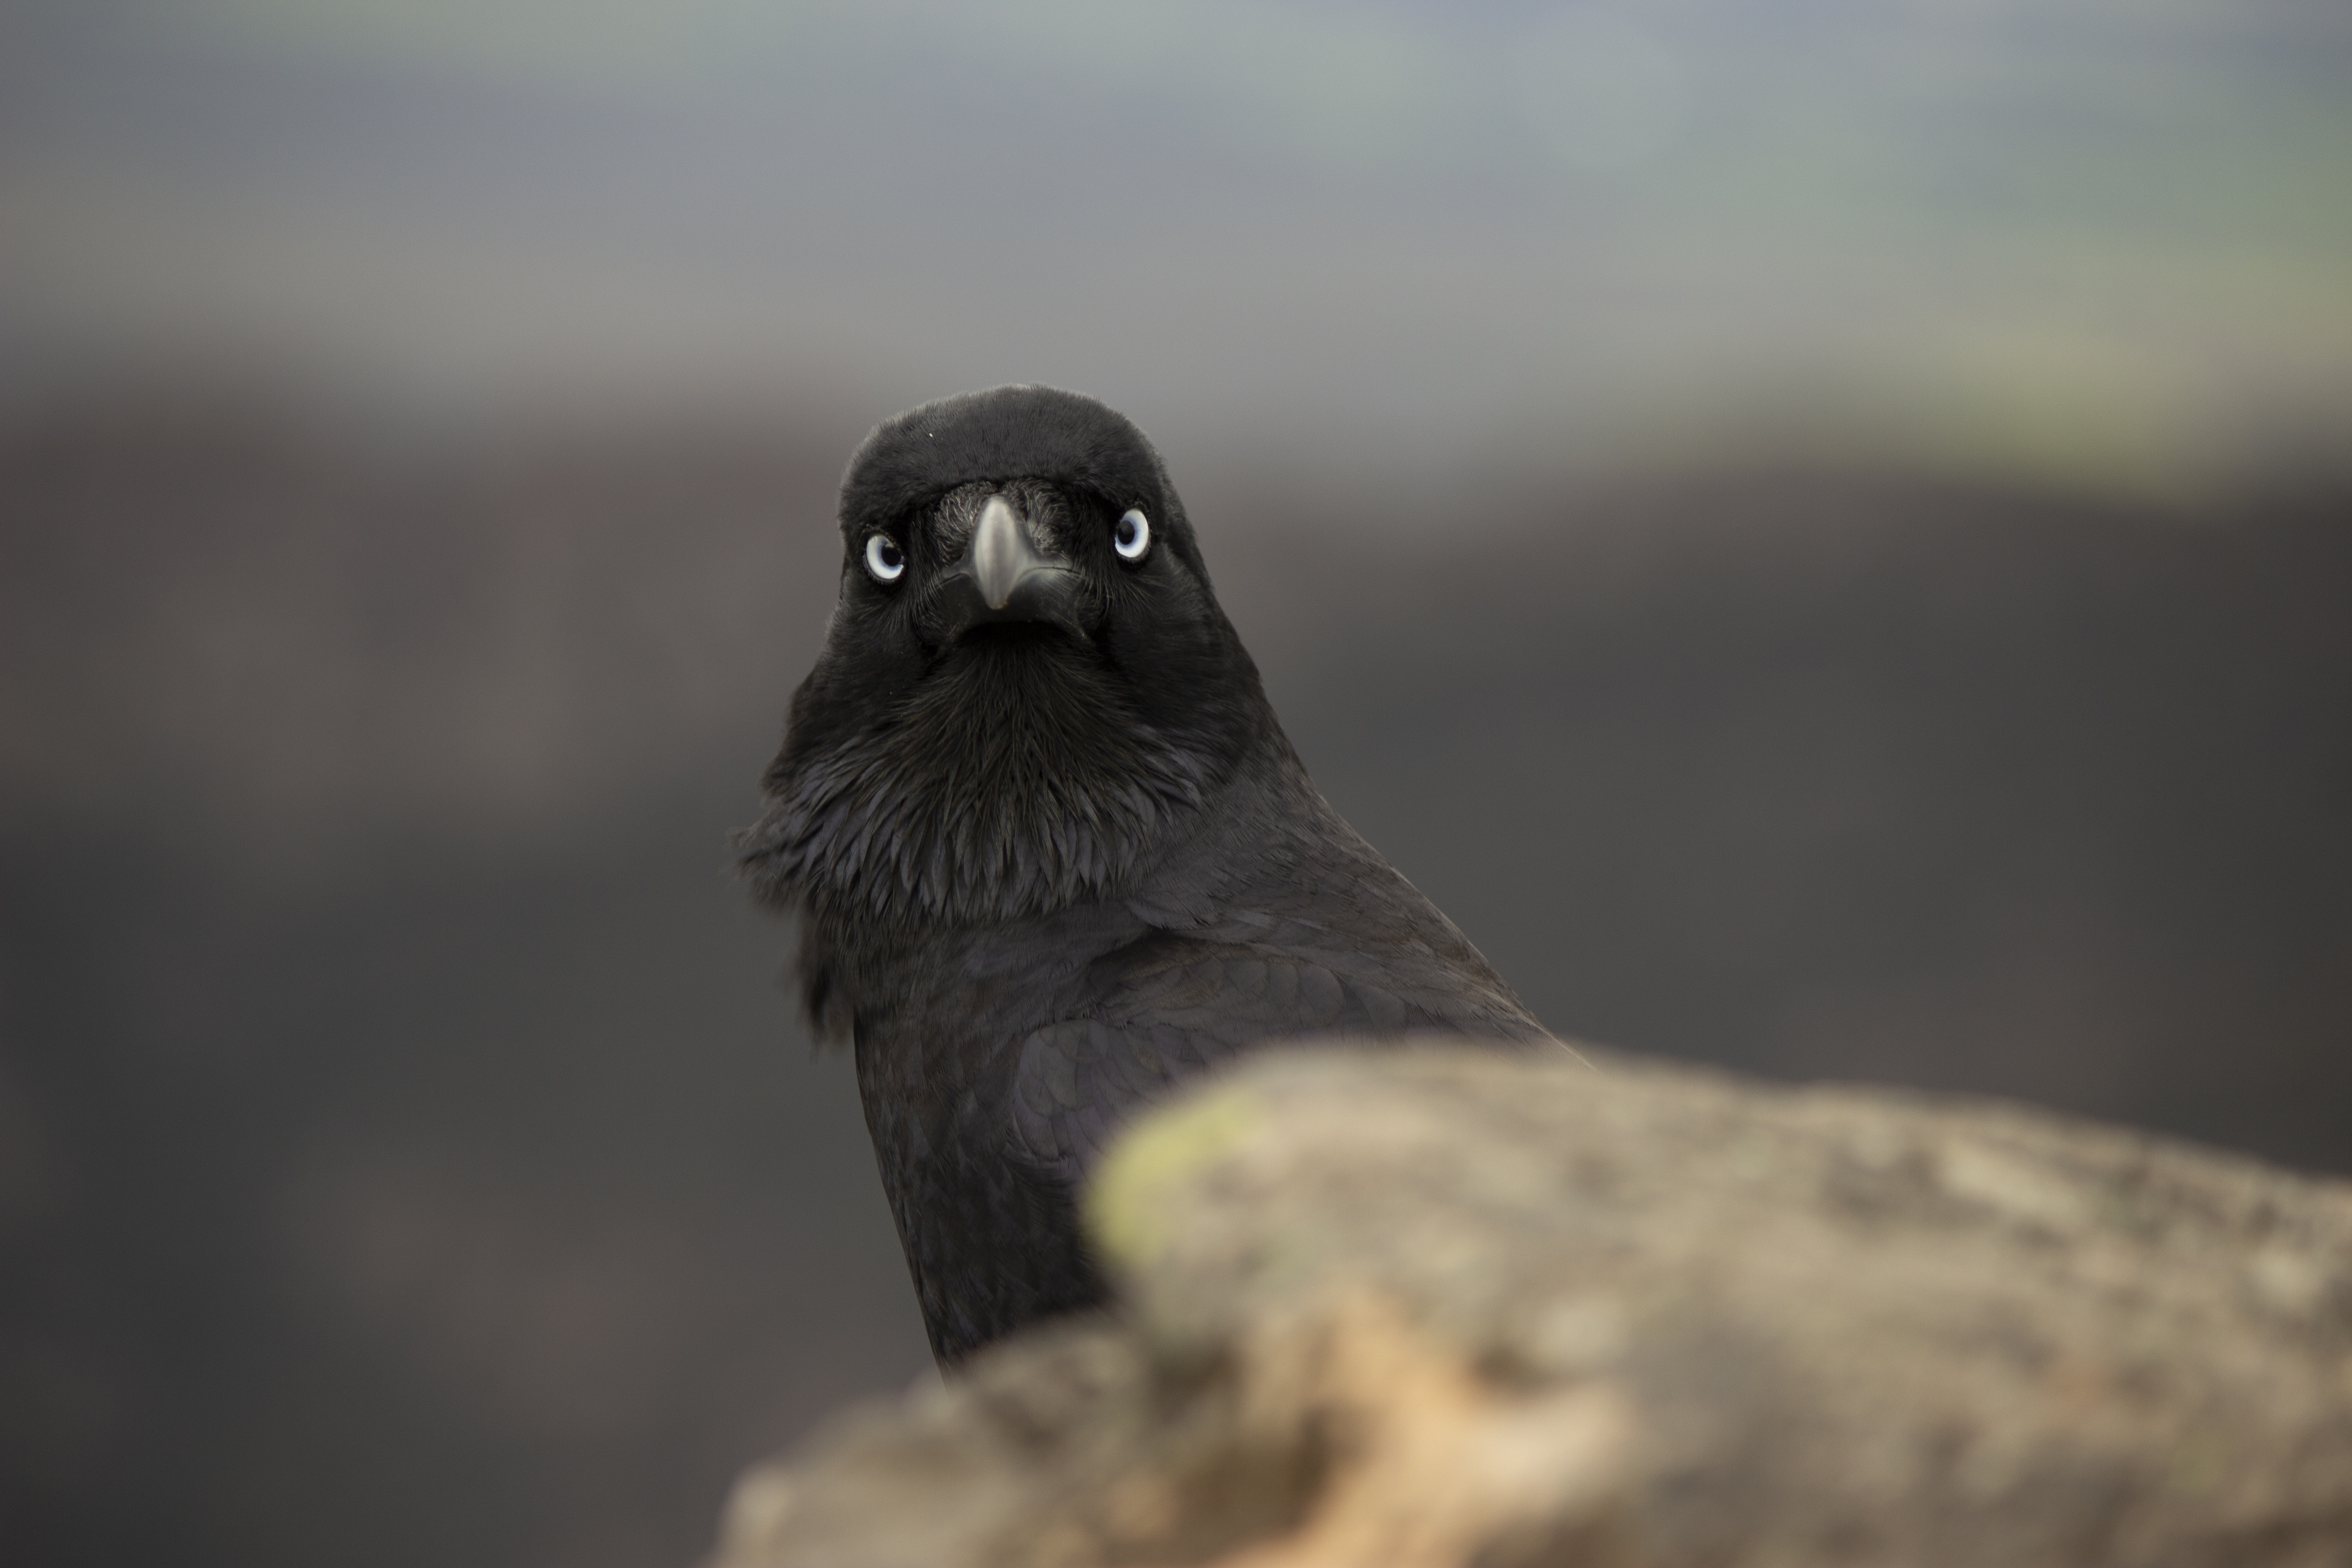 Δείξτε μου μεγάλο μαύρο πουλί